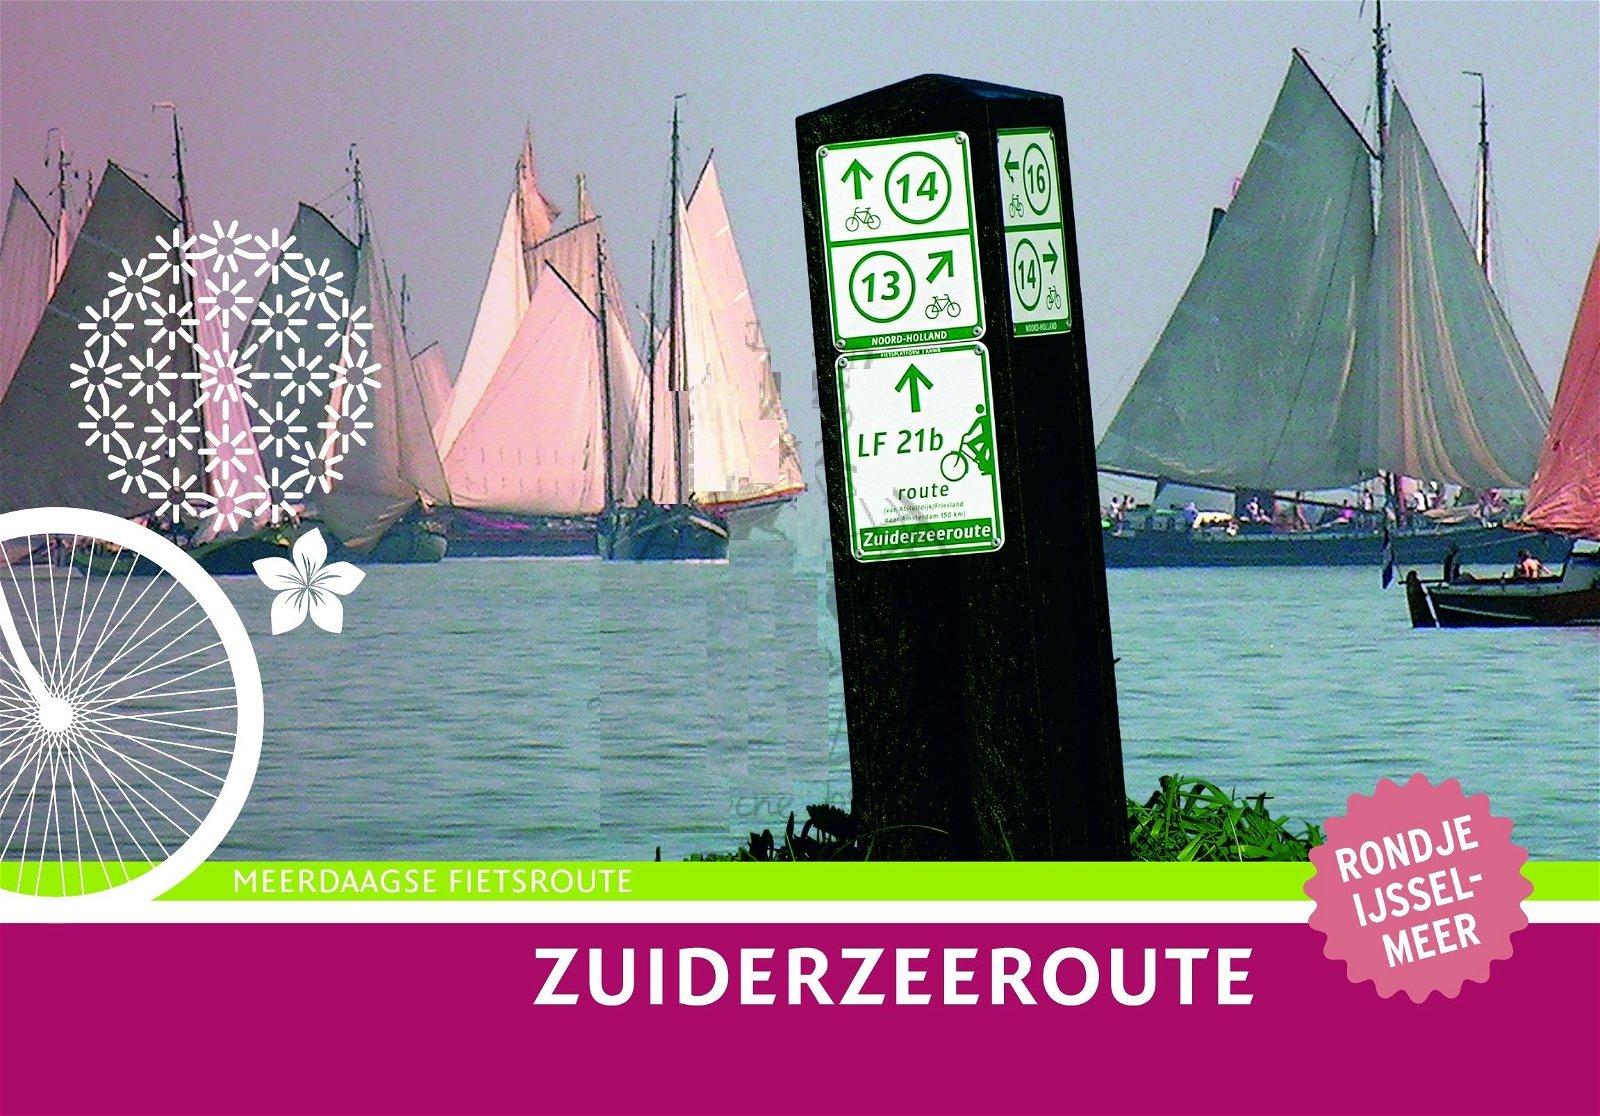 Zuiderzeeroute 9789058818898 Diederik Mönch Buijten & Schipperheijn Landelijk Fietsplatform  Fietsgidsen, Meerdaagse fietsvakanties Flevoland en het IJsselmeer, Nederland